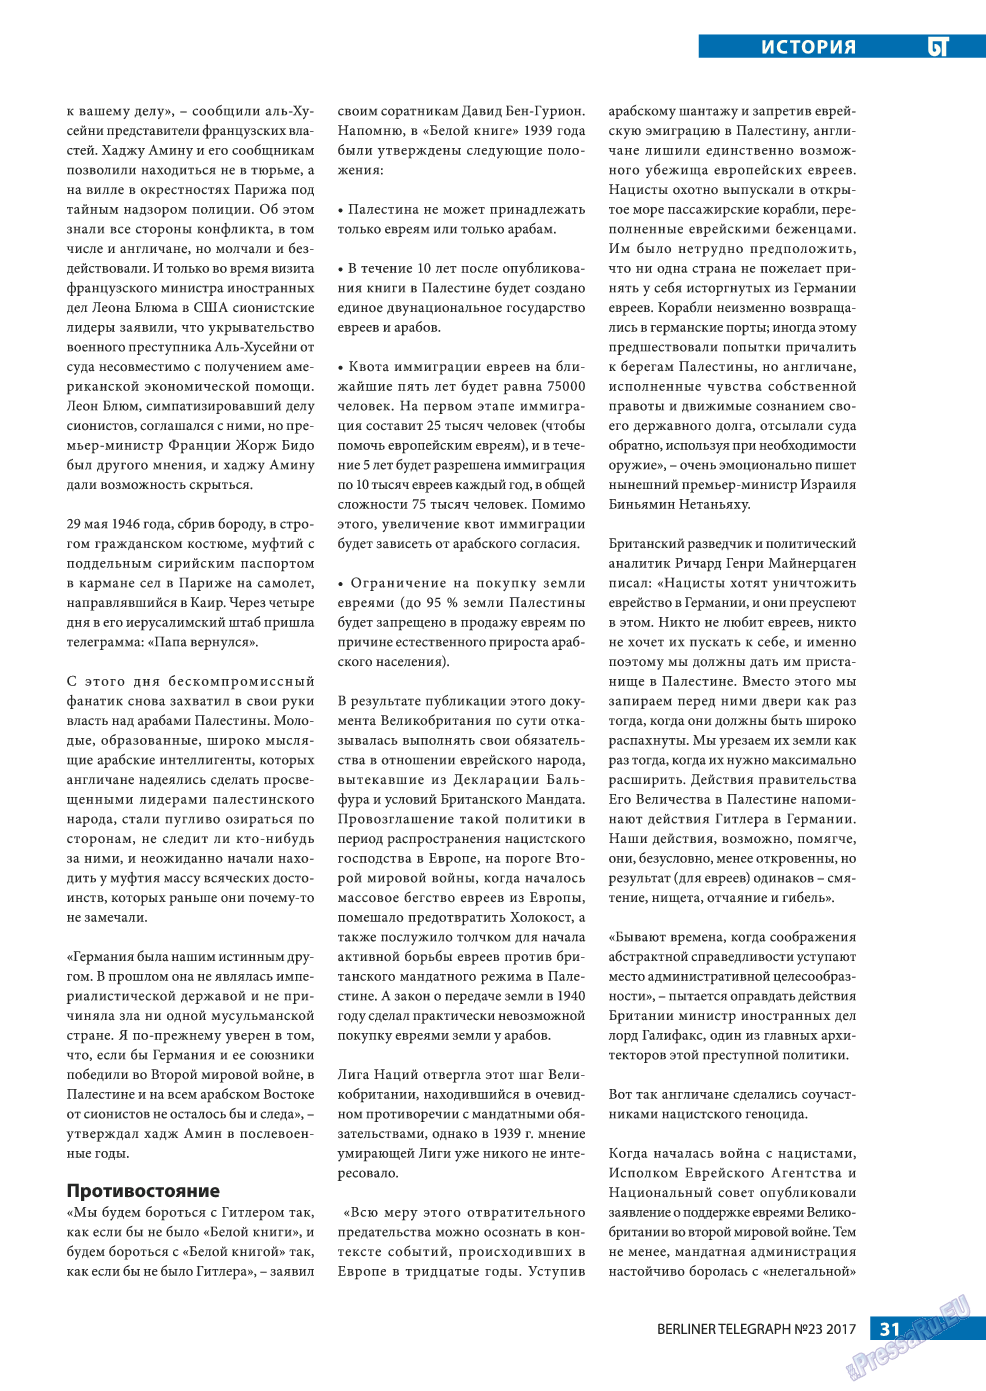 Берлинский телеграф (журнал). 2017 год, номер 23, стр. 31